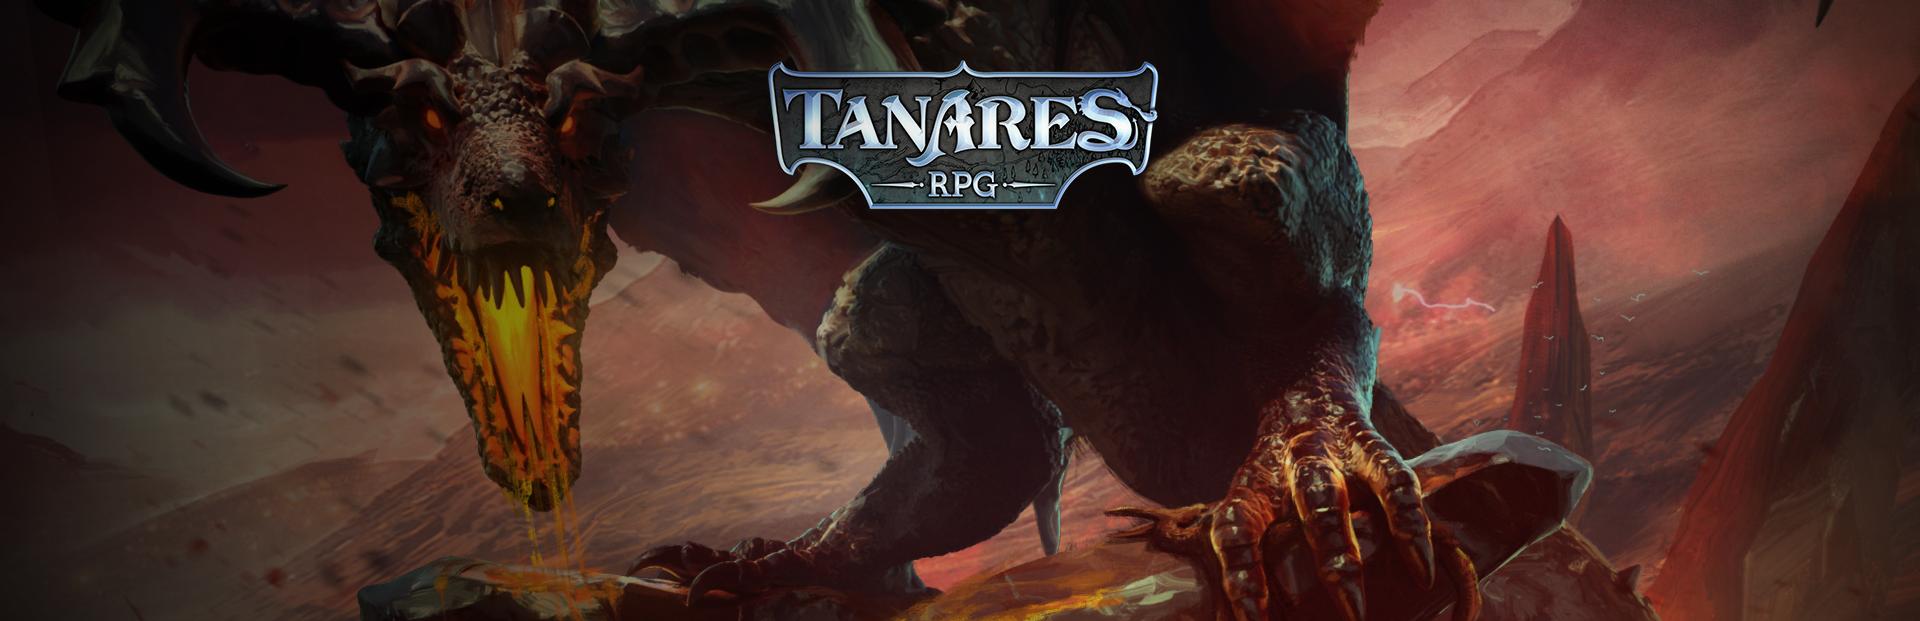 Tanares RPG (Soon)